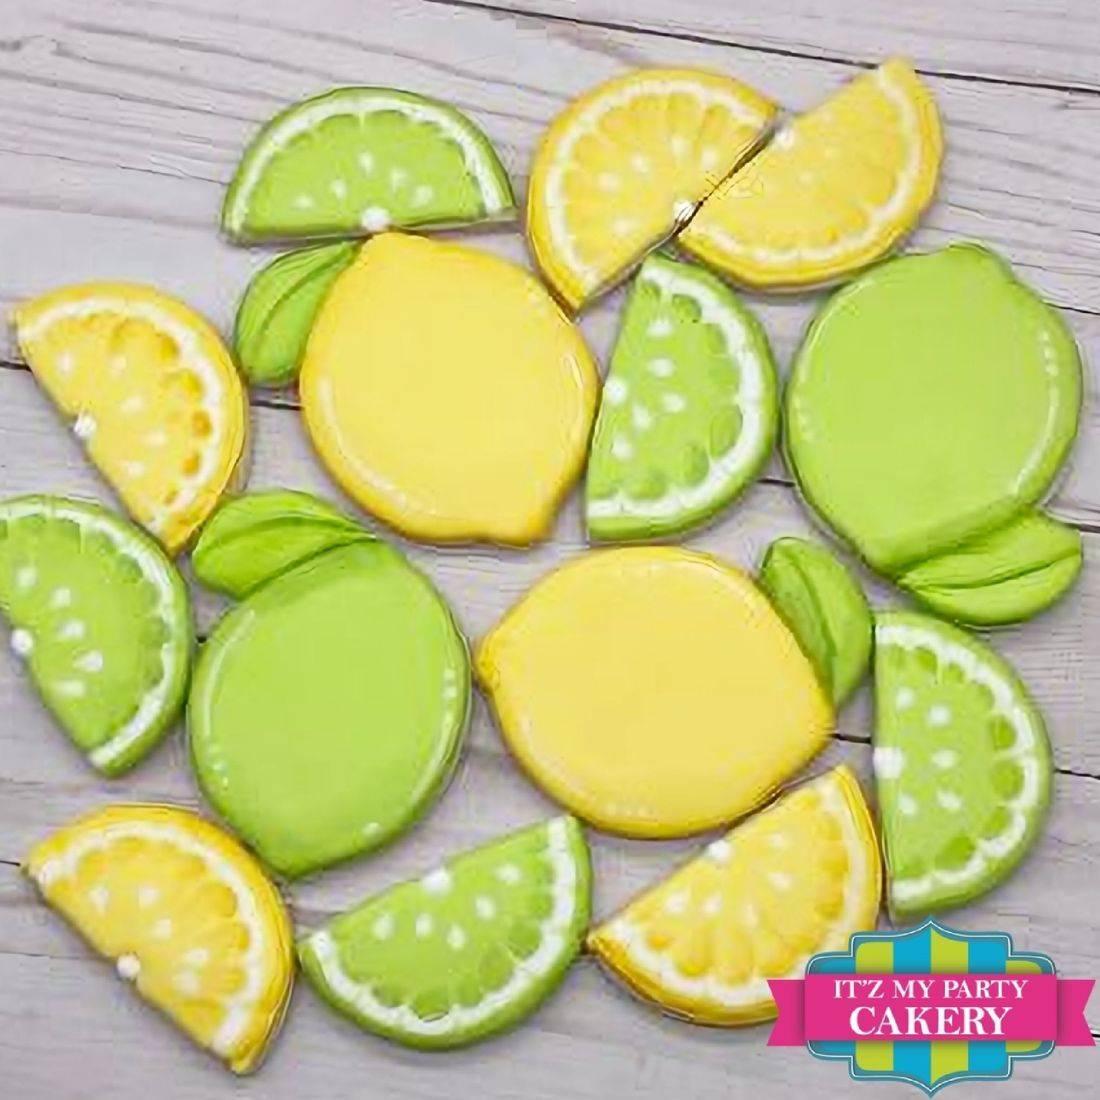 Lemon Cookies, Lime Cookies, Lemon Slice Cookies, Lime Slice Cookies, Citrus Cookies, Itz My Party Cakery